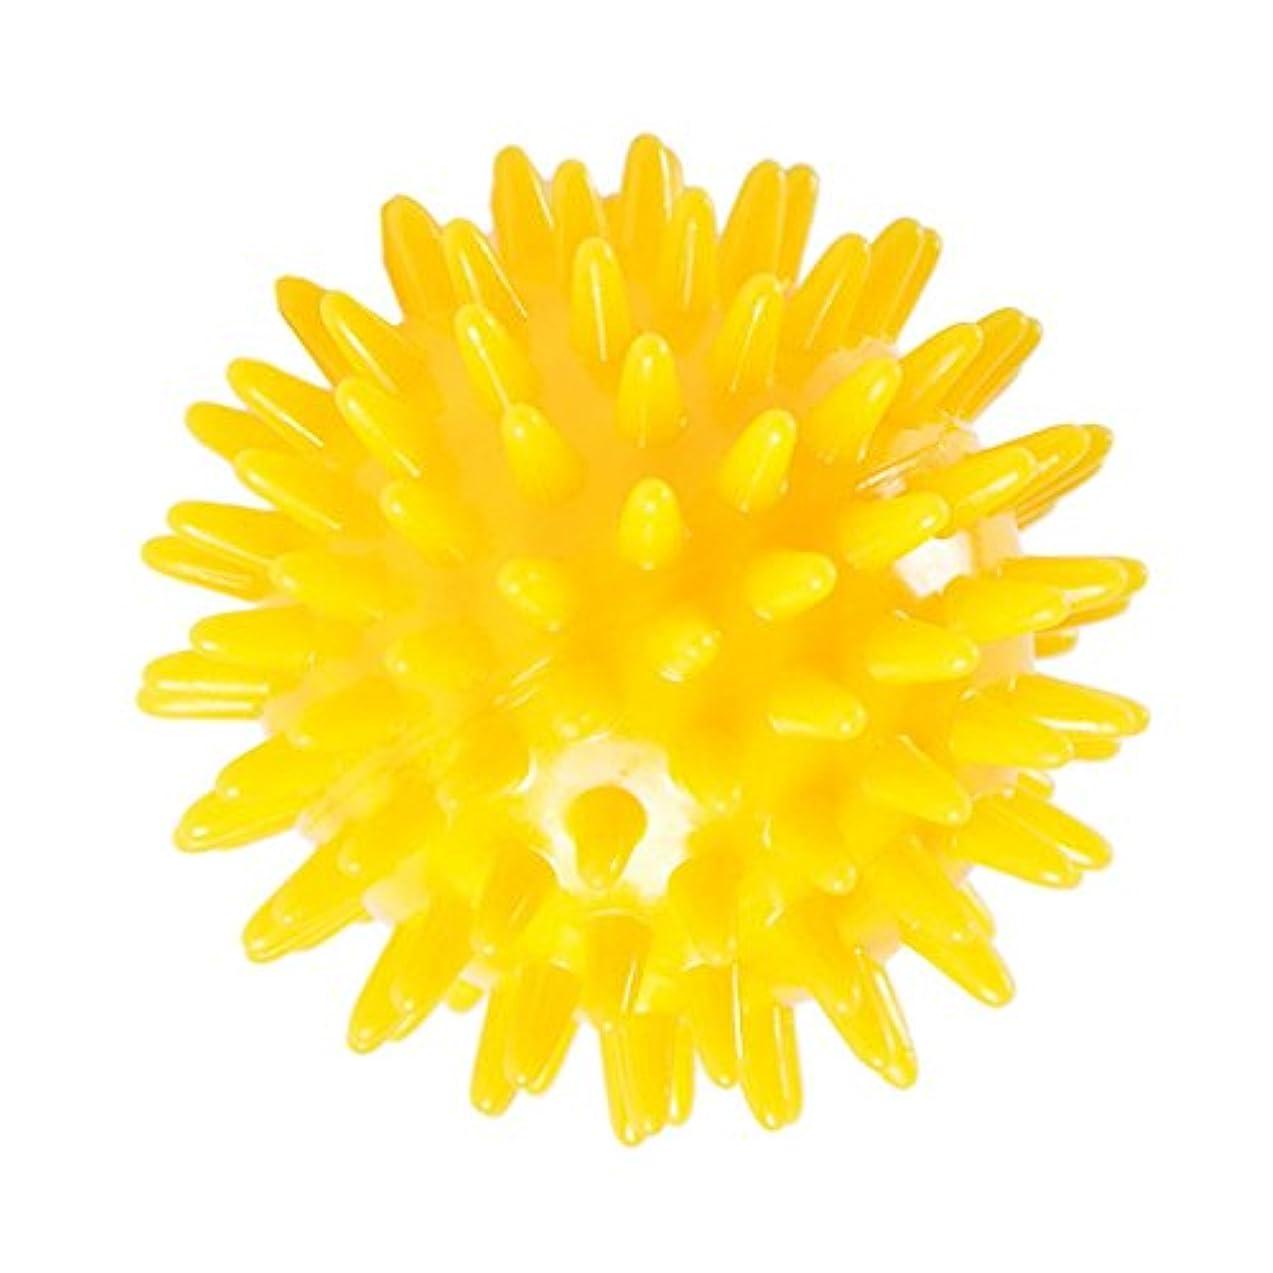 誤解を招く補体吐き出すKesoto マッサージボール スパイクマッサージボール トリガーポイントリリース ハンドエクササイズ ストレスリリーフ 3サイズ選べる - 6cm